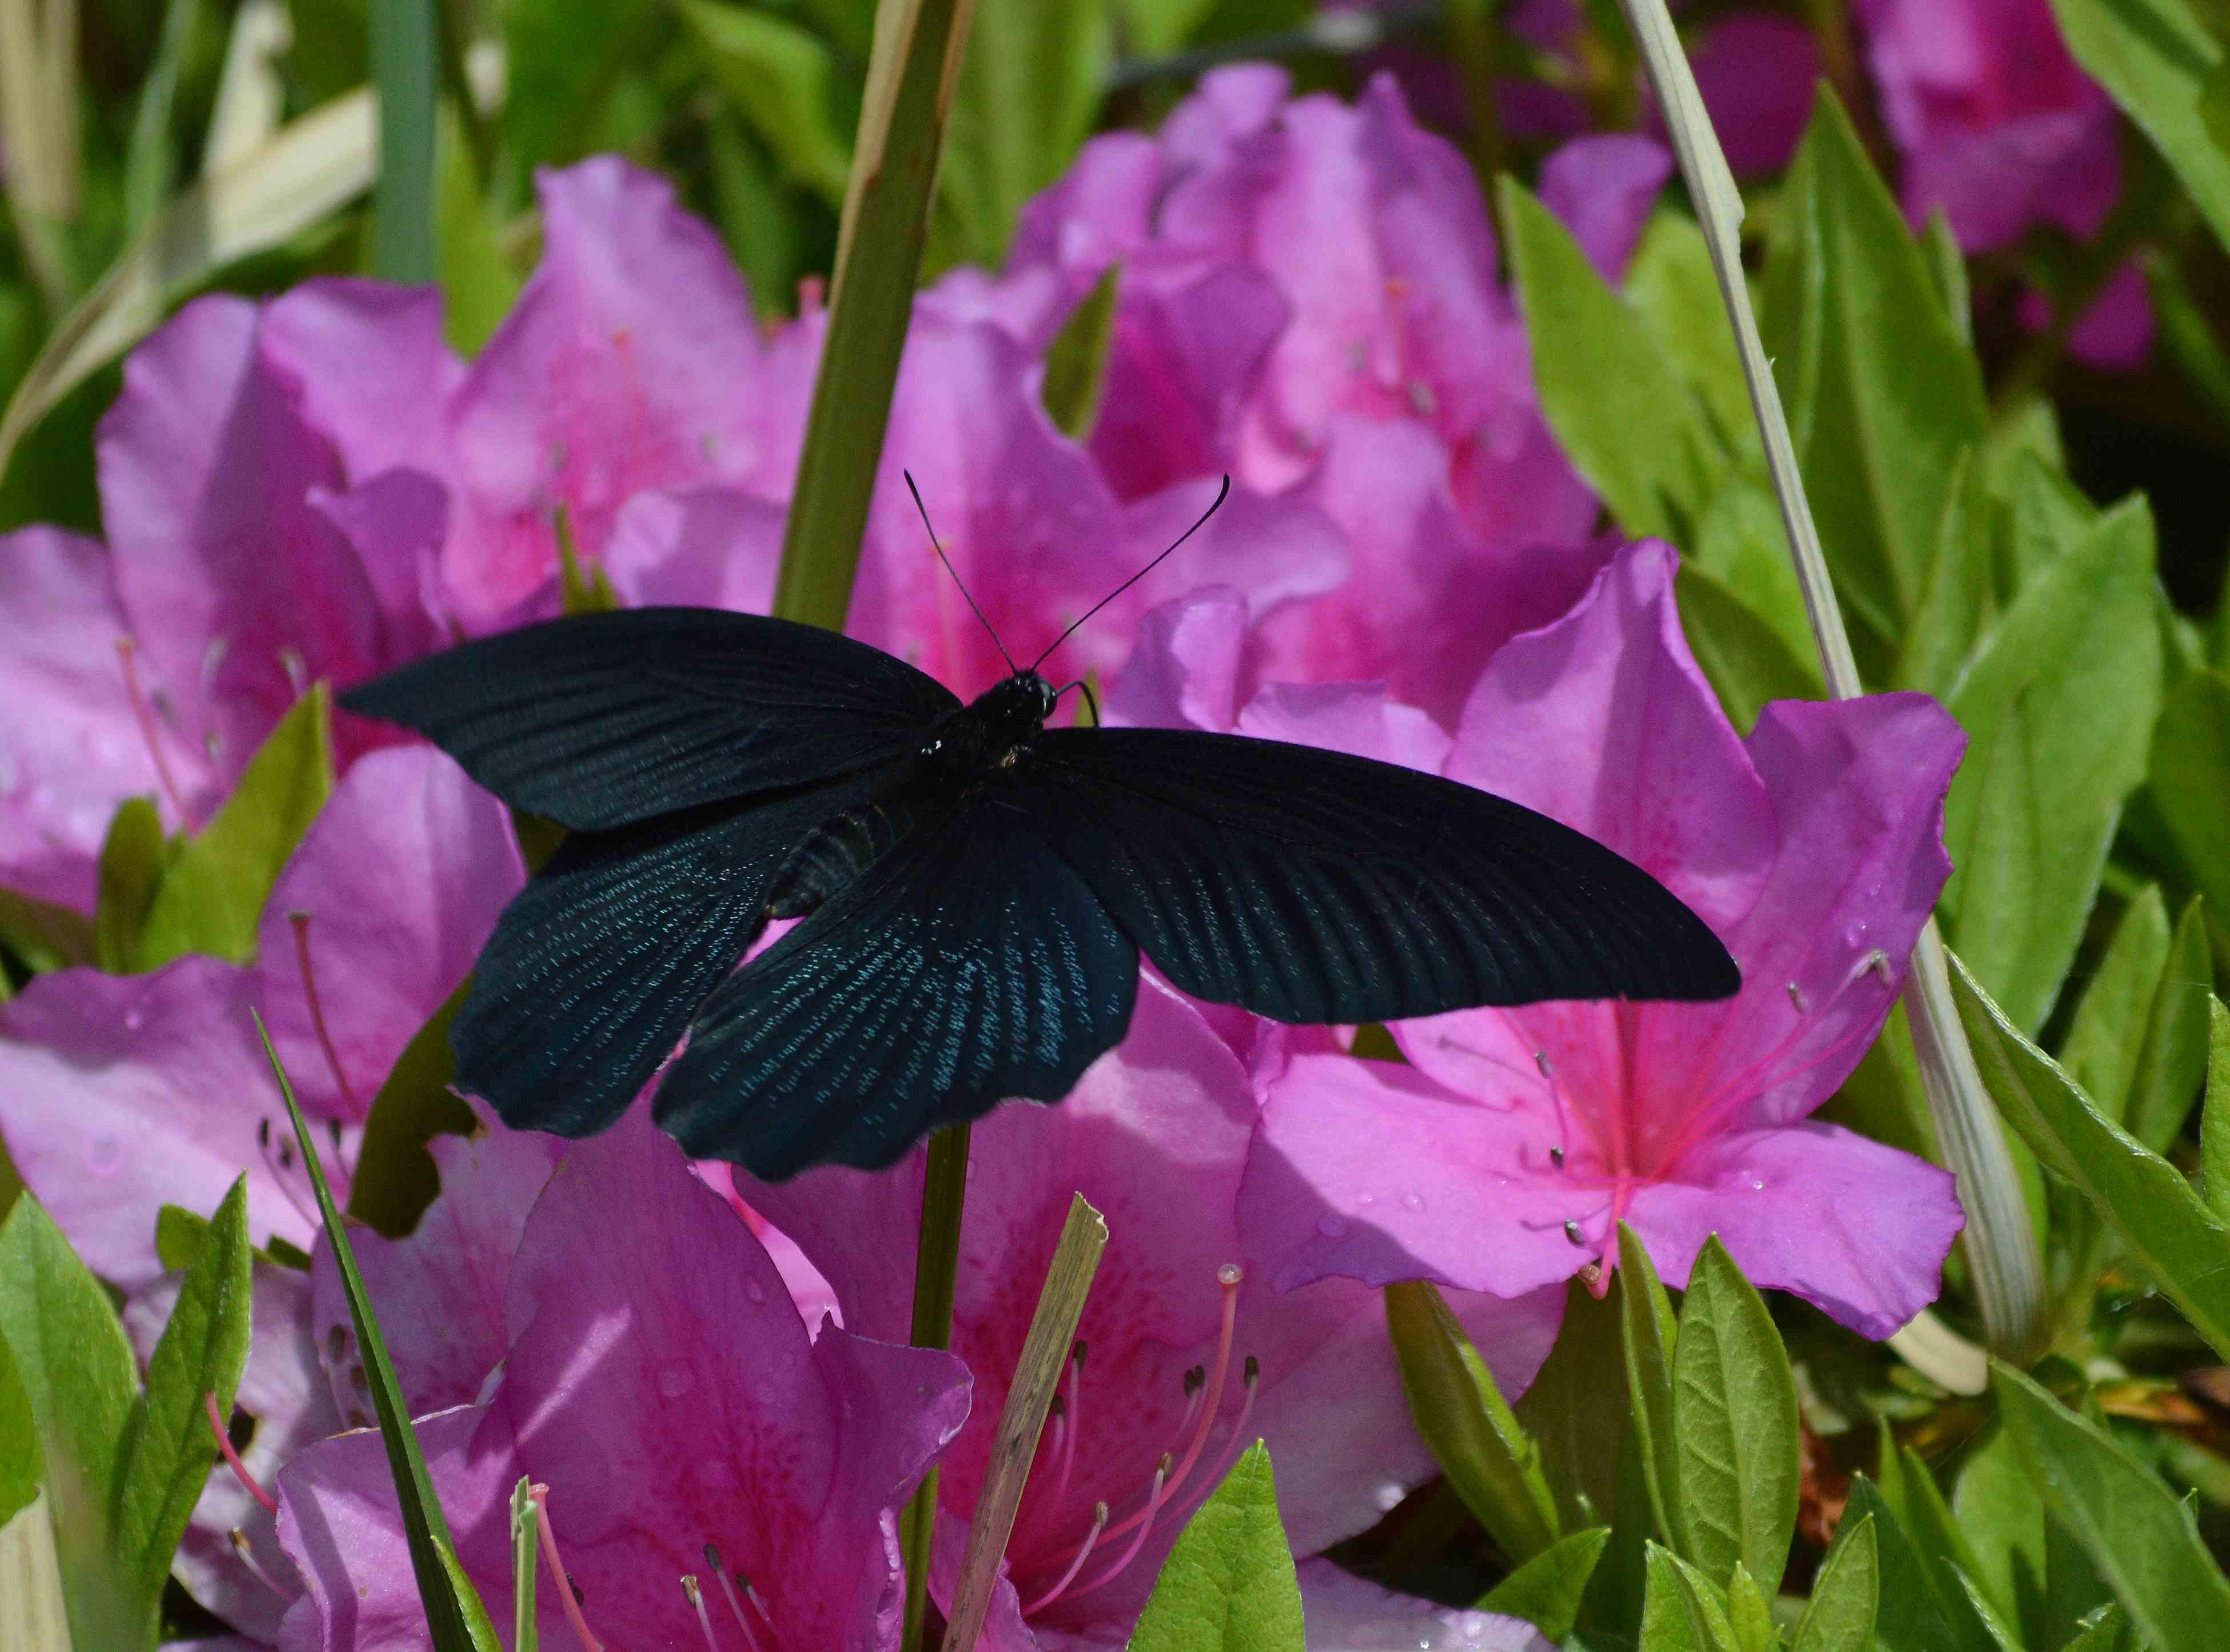 ナガサキアゲハ 超巨大な蝶です_d0254540_1351797.jpg